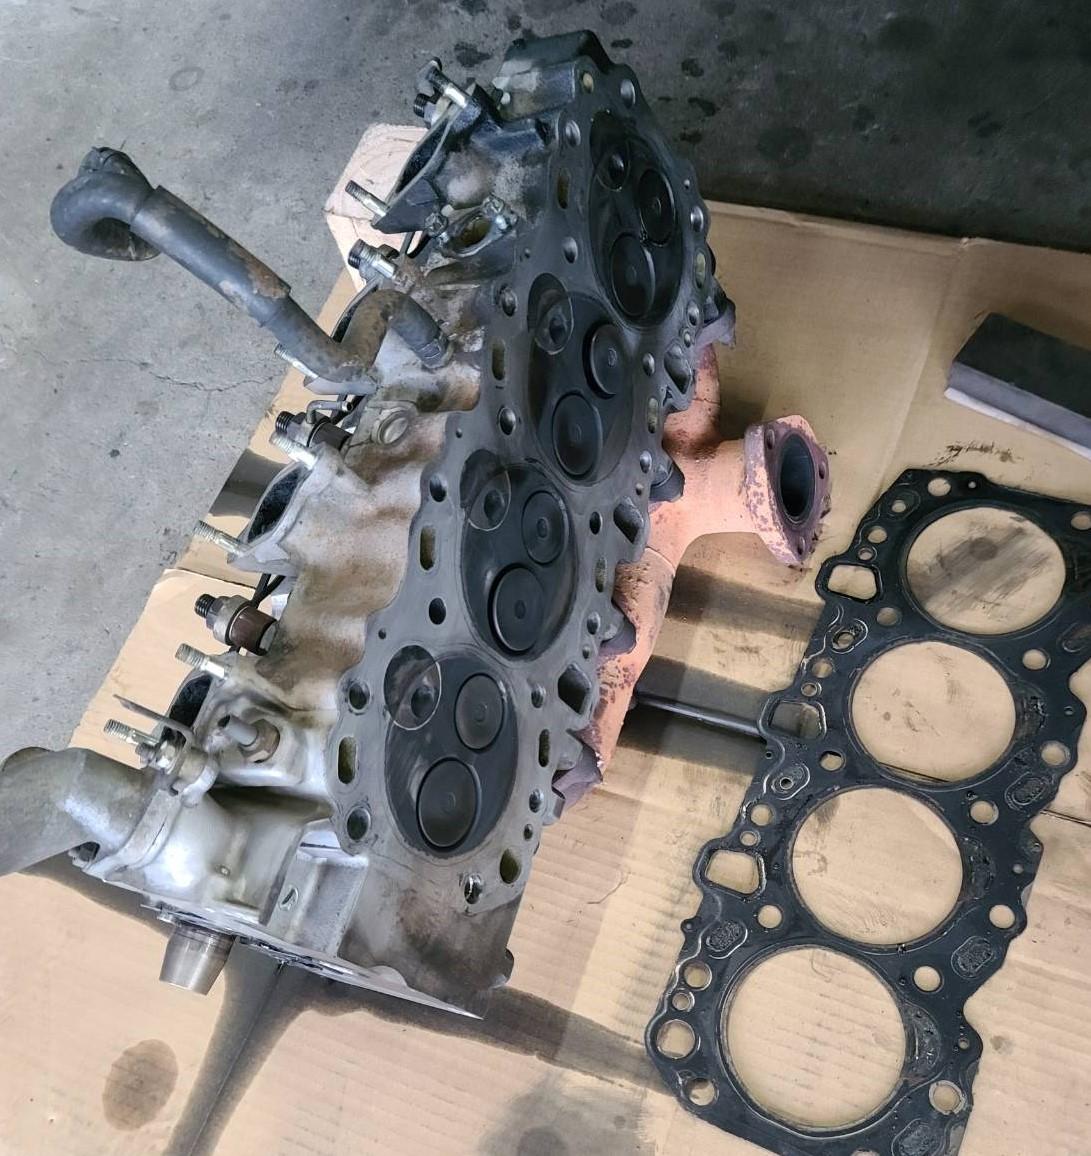 山形県 山形市 整備 車両整備 一般整備 エンジン不具合 エンジン トヨタ ランクルプラドの画像